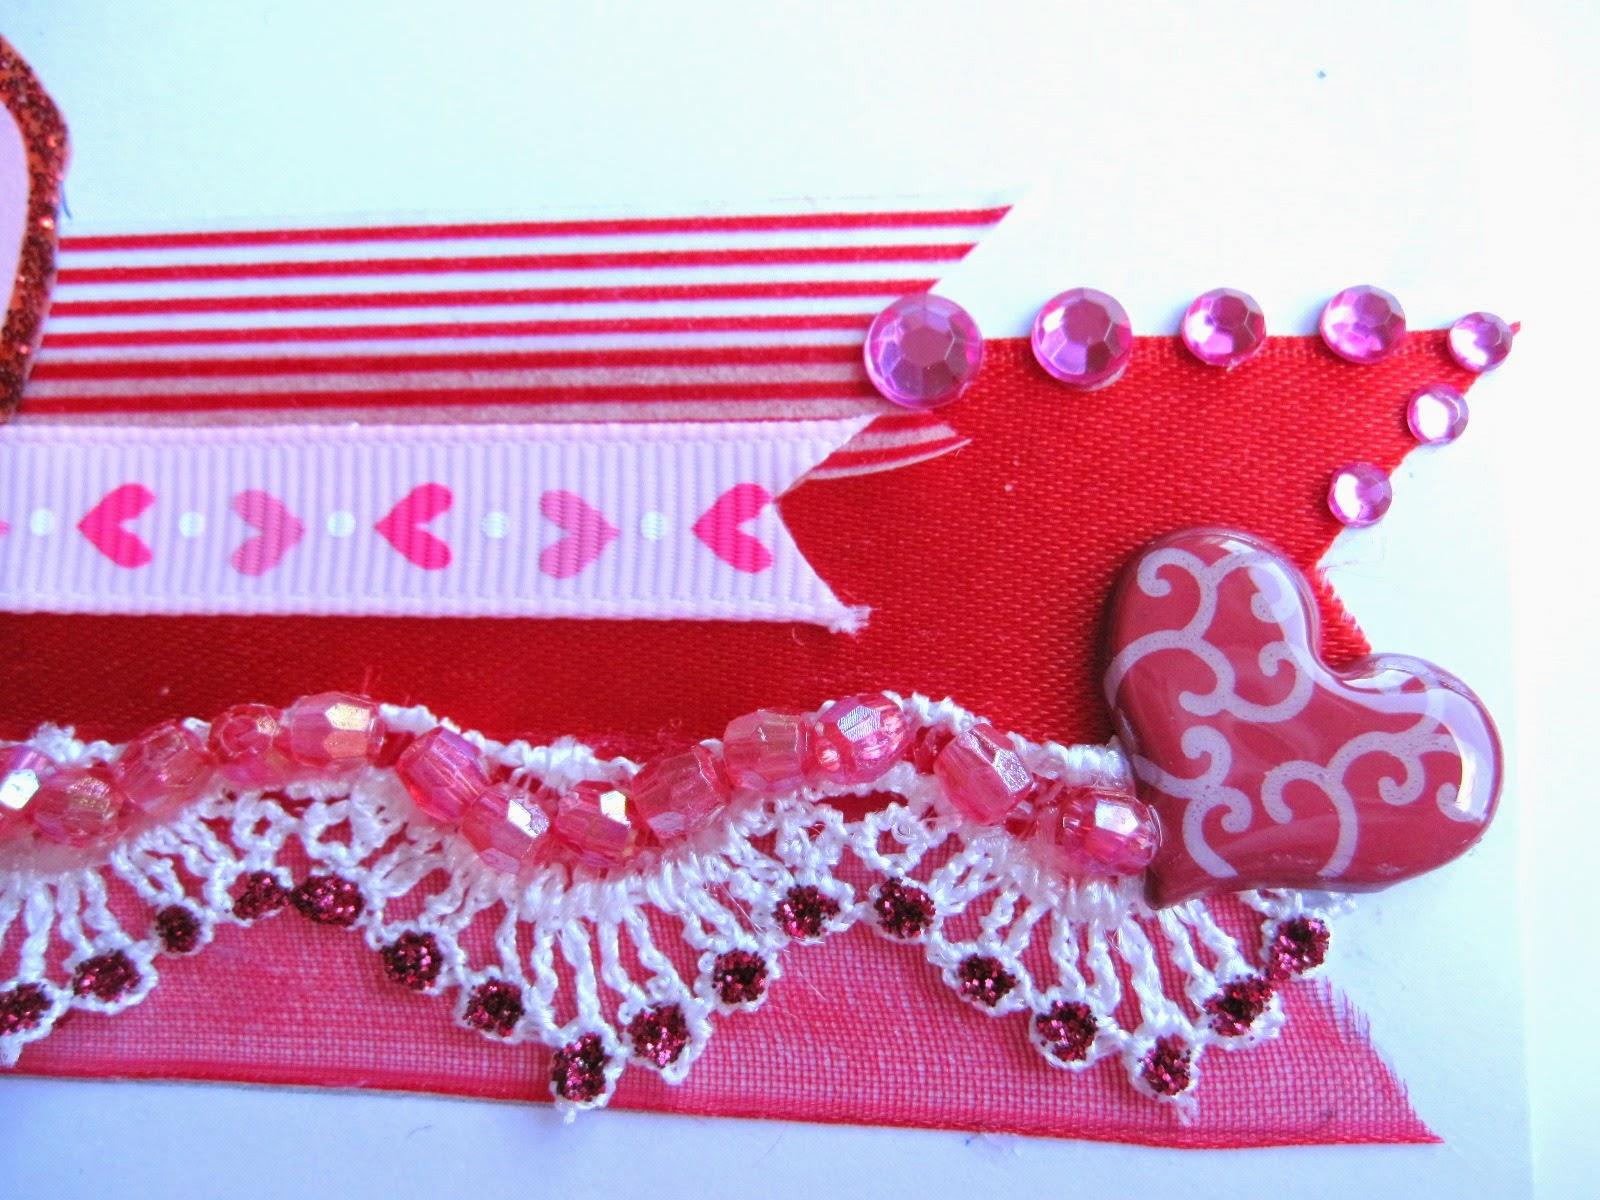 detalle tarjeta scrapbooking San Valentín con superposición en rojo y rosa de cintas, washi tape, encaje, corazón brad con glossy accents, diamantes autoadhesivos y cuentas 3D